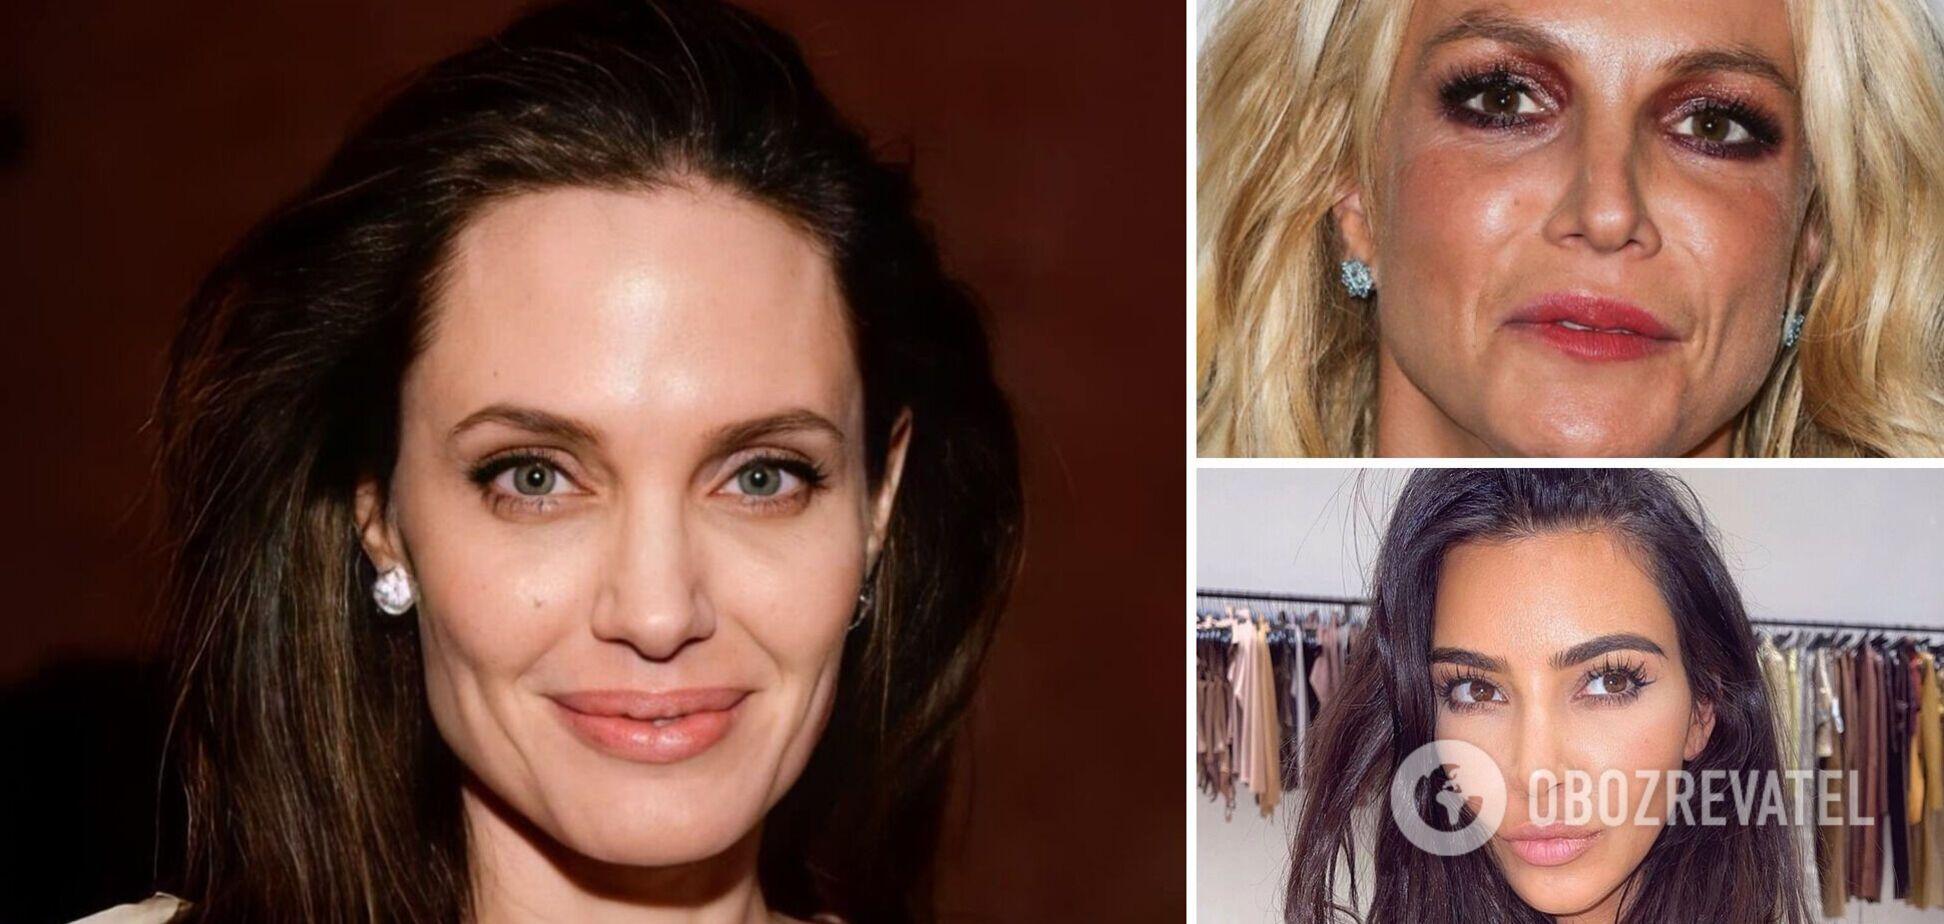 Звездные дефекты: хирург раскрыл секреты 'молодости' Джоли, Спирс, Кардашьян и других